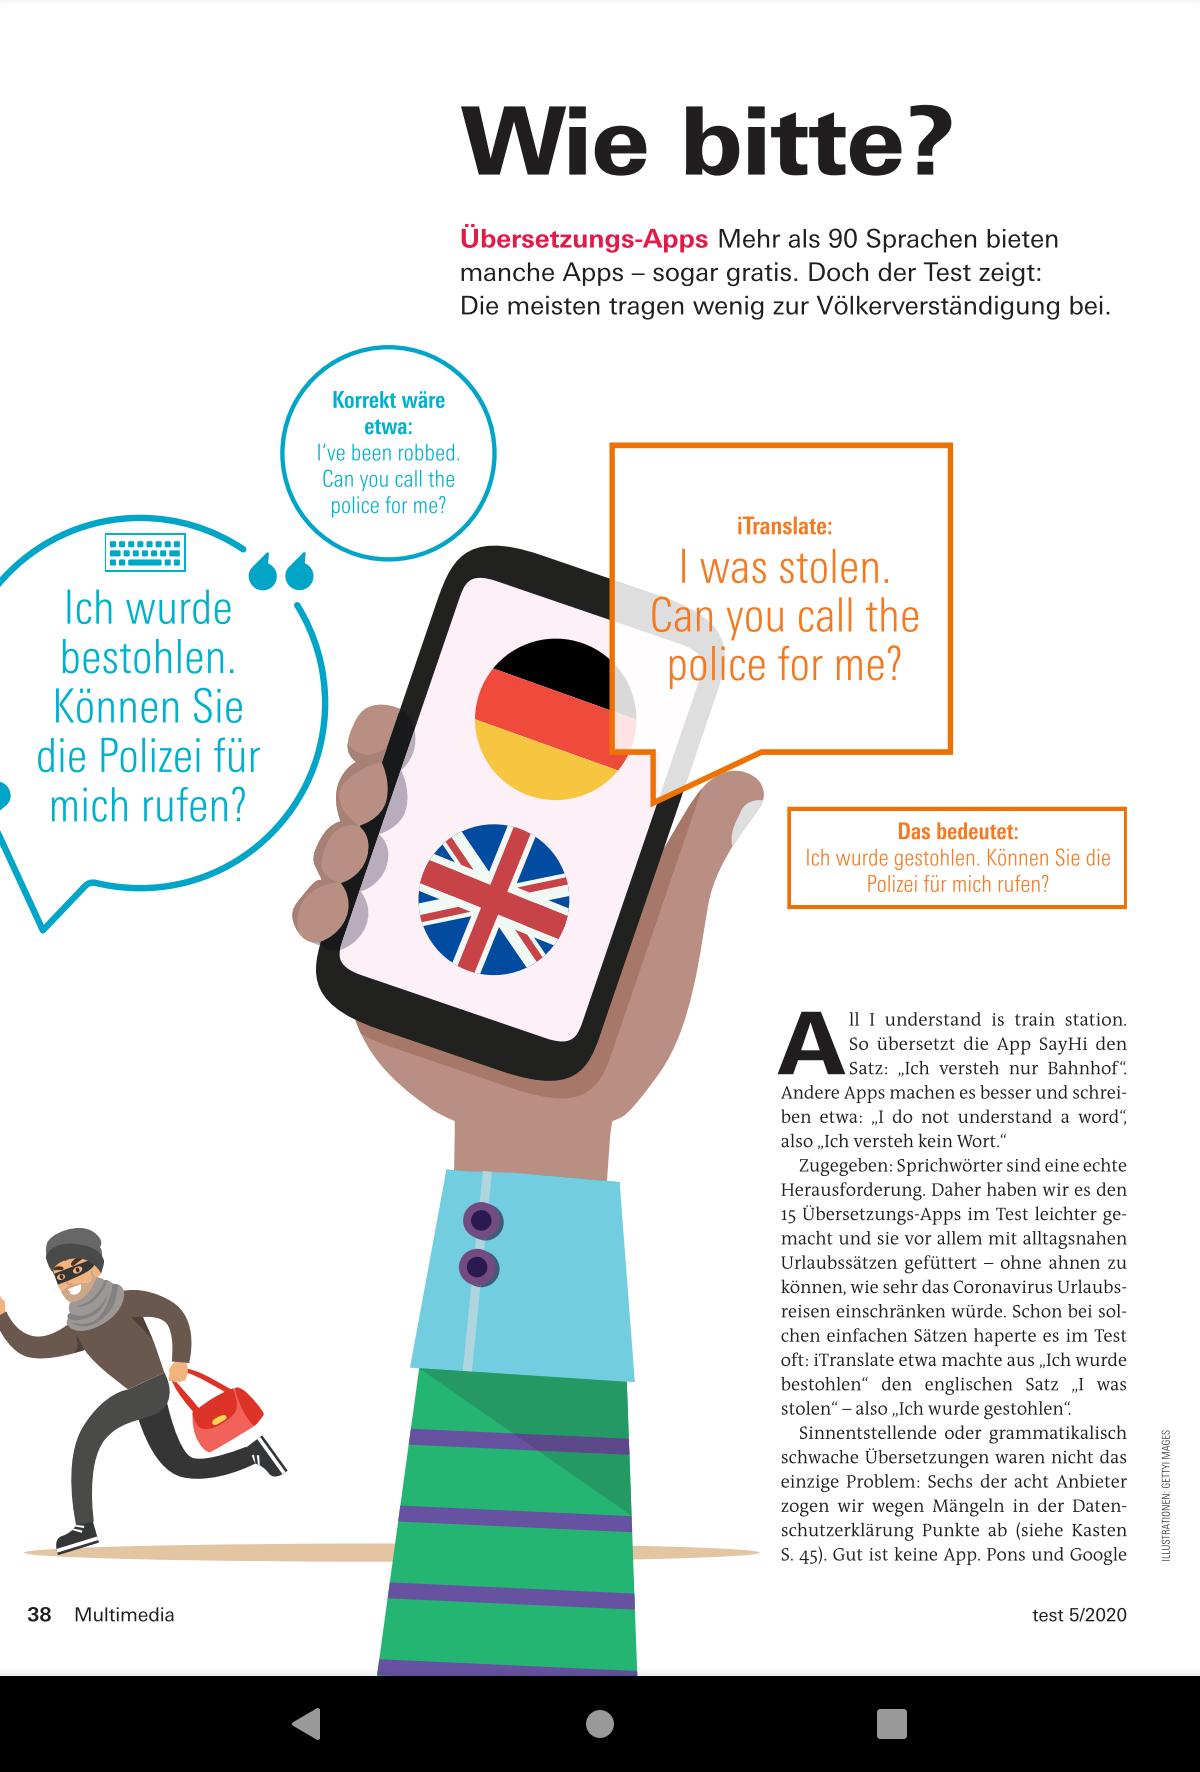 Stiftung Warentest 2020 Übersetzungs-Apps 1.png